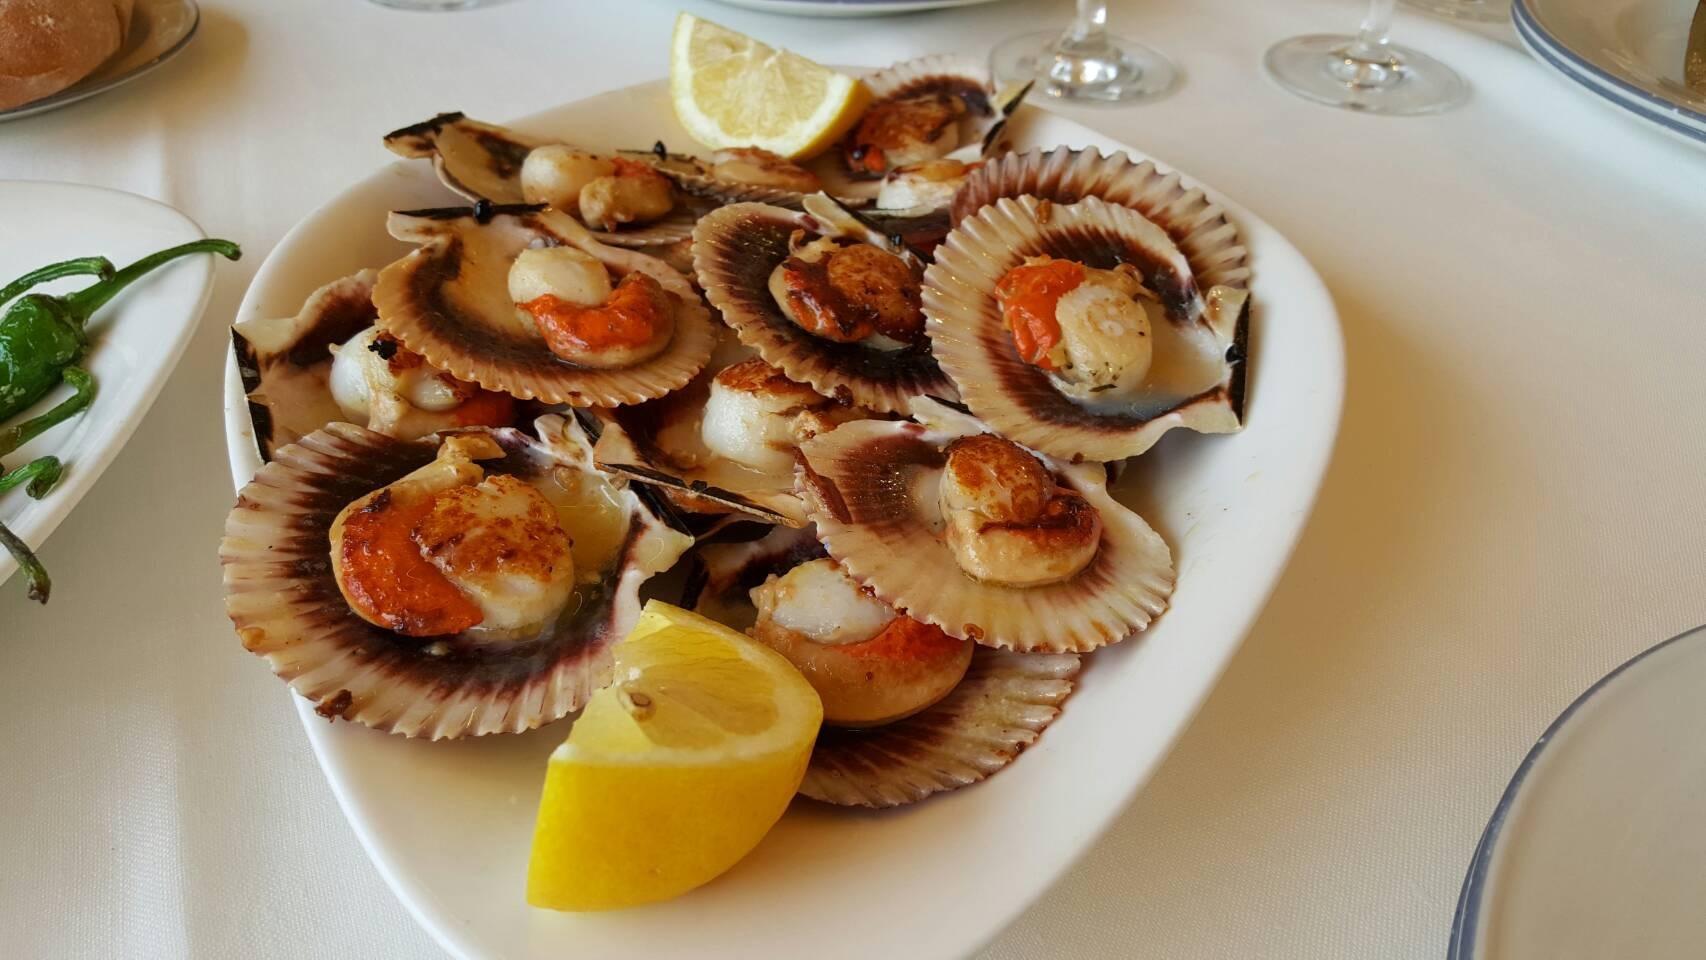 2017年GW スペインバスク地方、ワイナリーと バル巡りの旅 その4 ビルバオを一望できるレストランで_a0223786_13323083.jpg